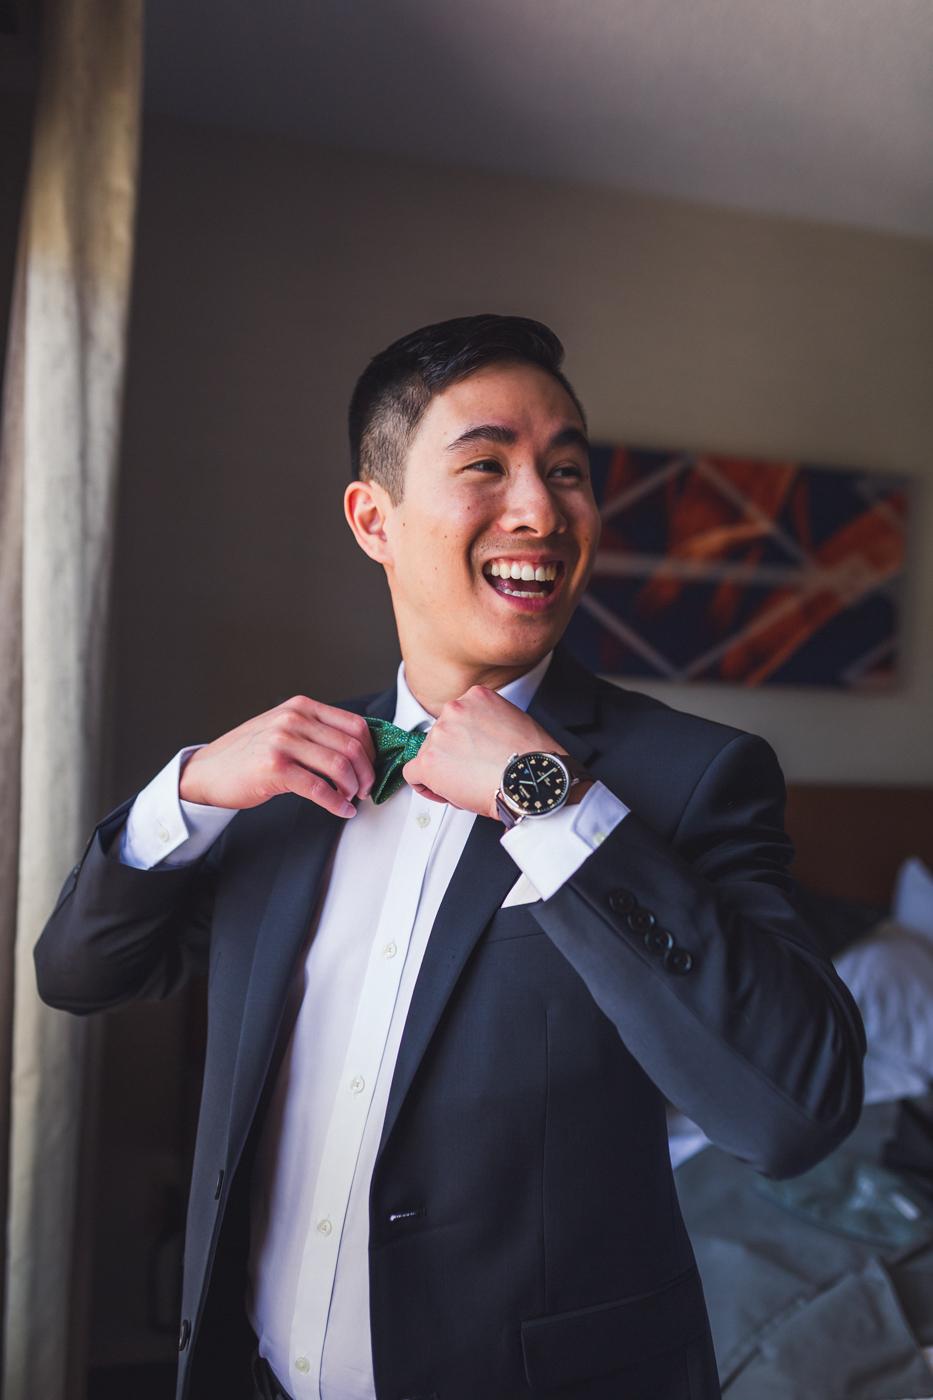 groom-adjusting-bow-tie